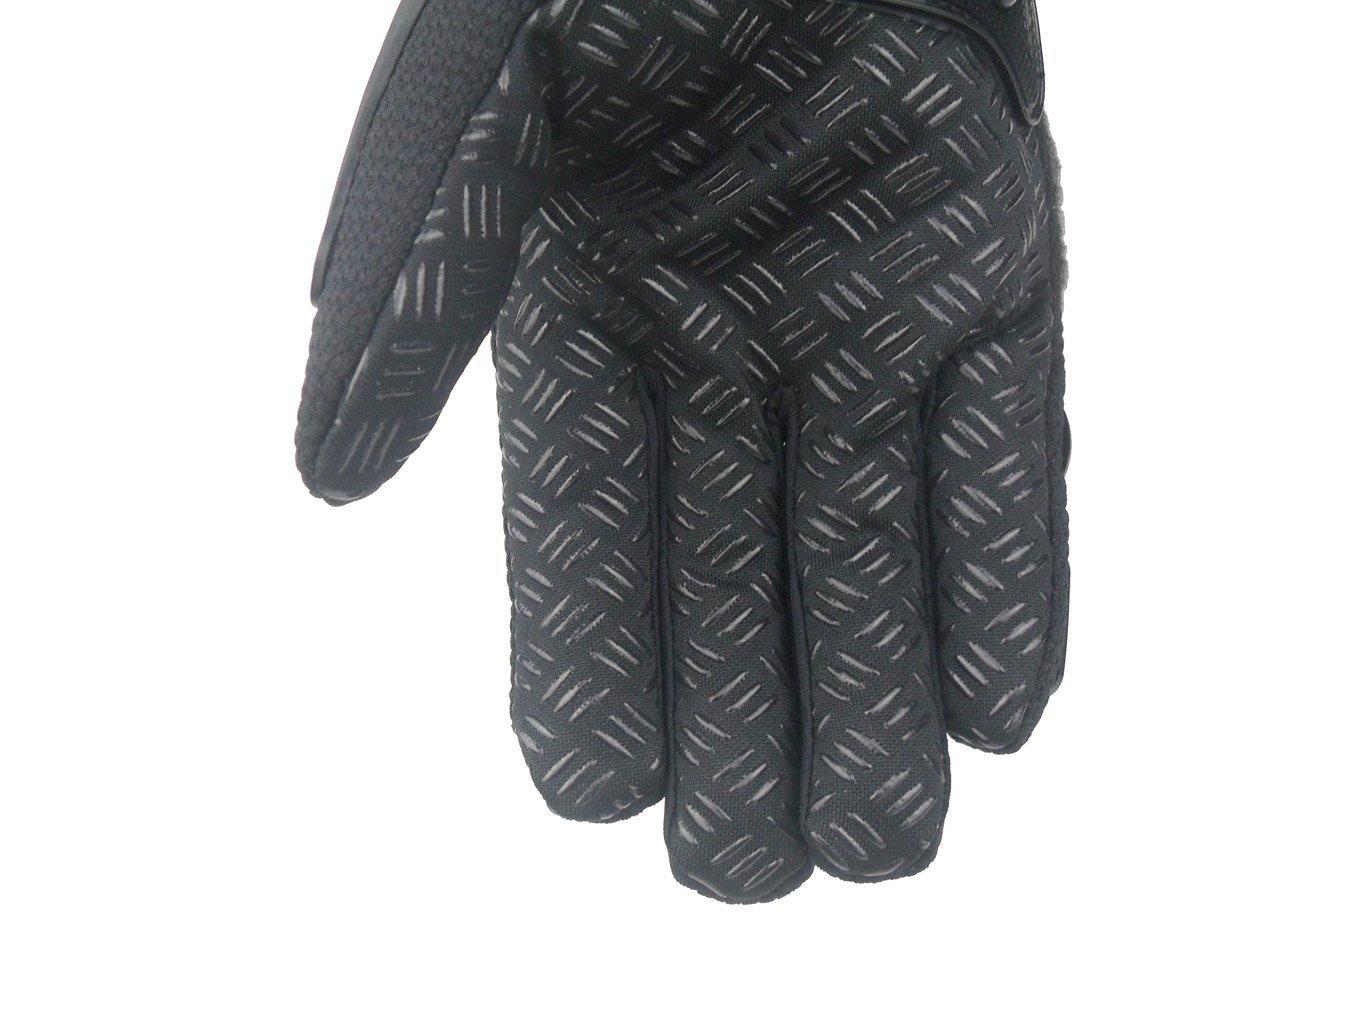 protezione in lega di acciaio per moto Madbike guanti da motociclismo